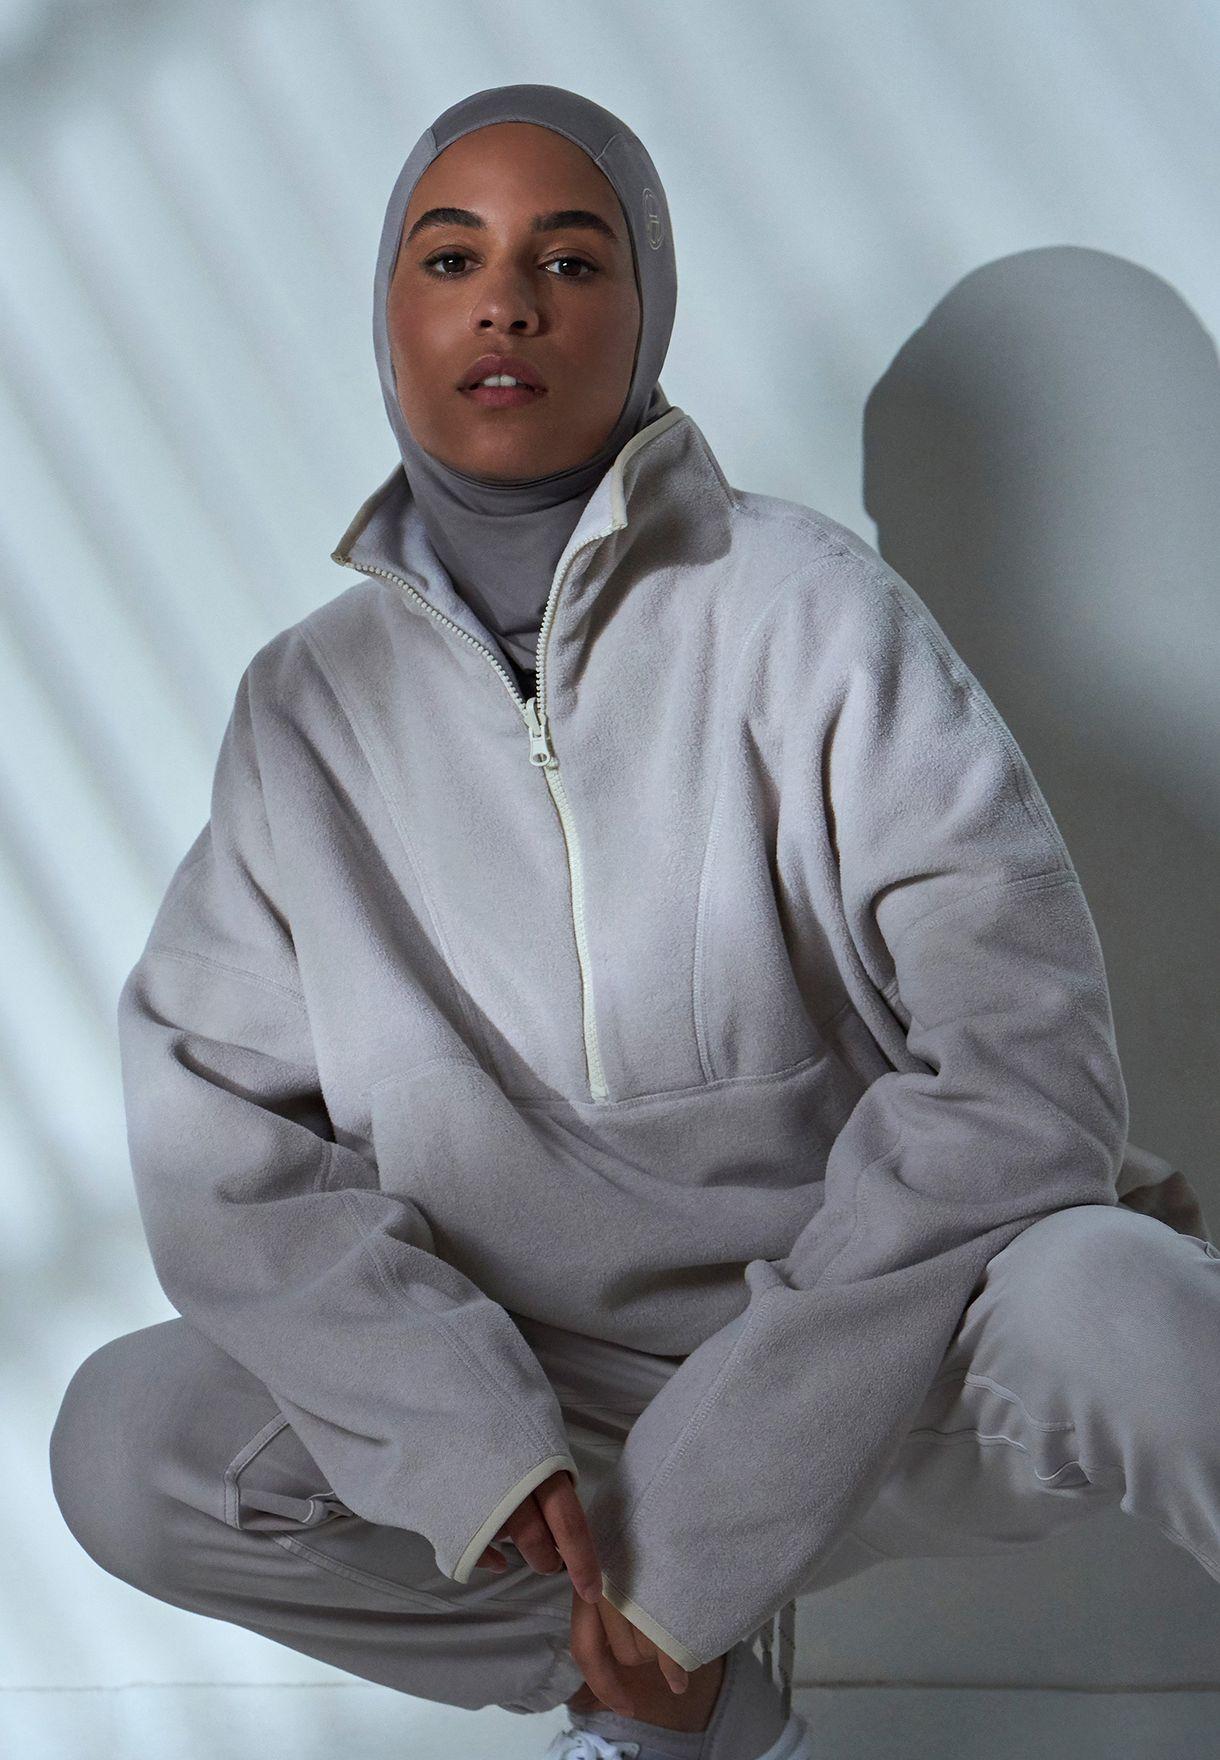 FlexFit Sport Hijab